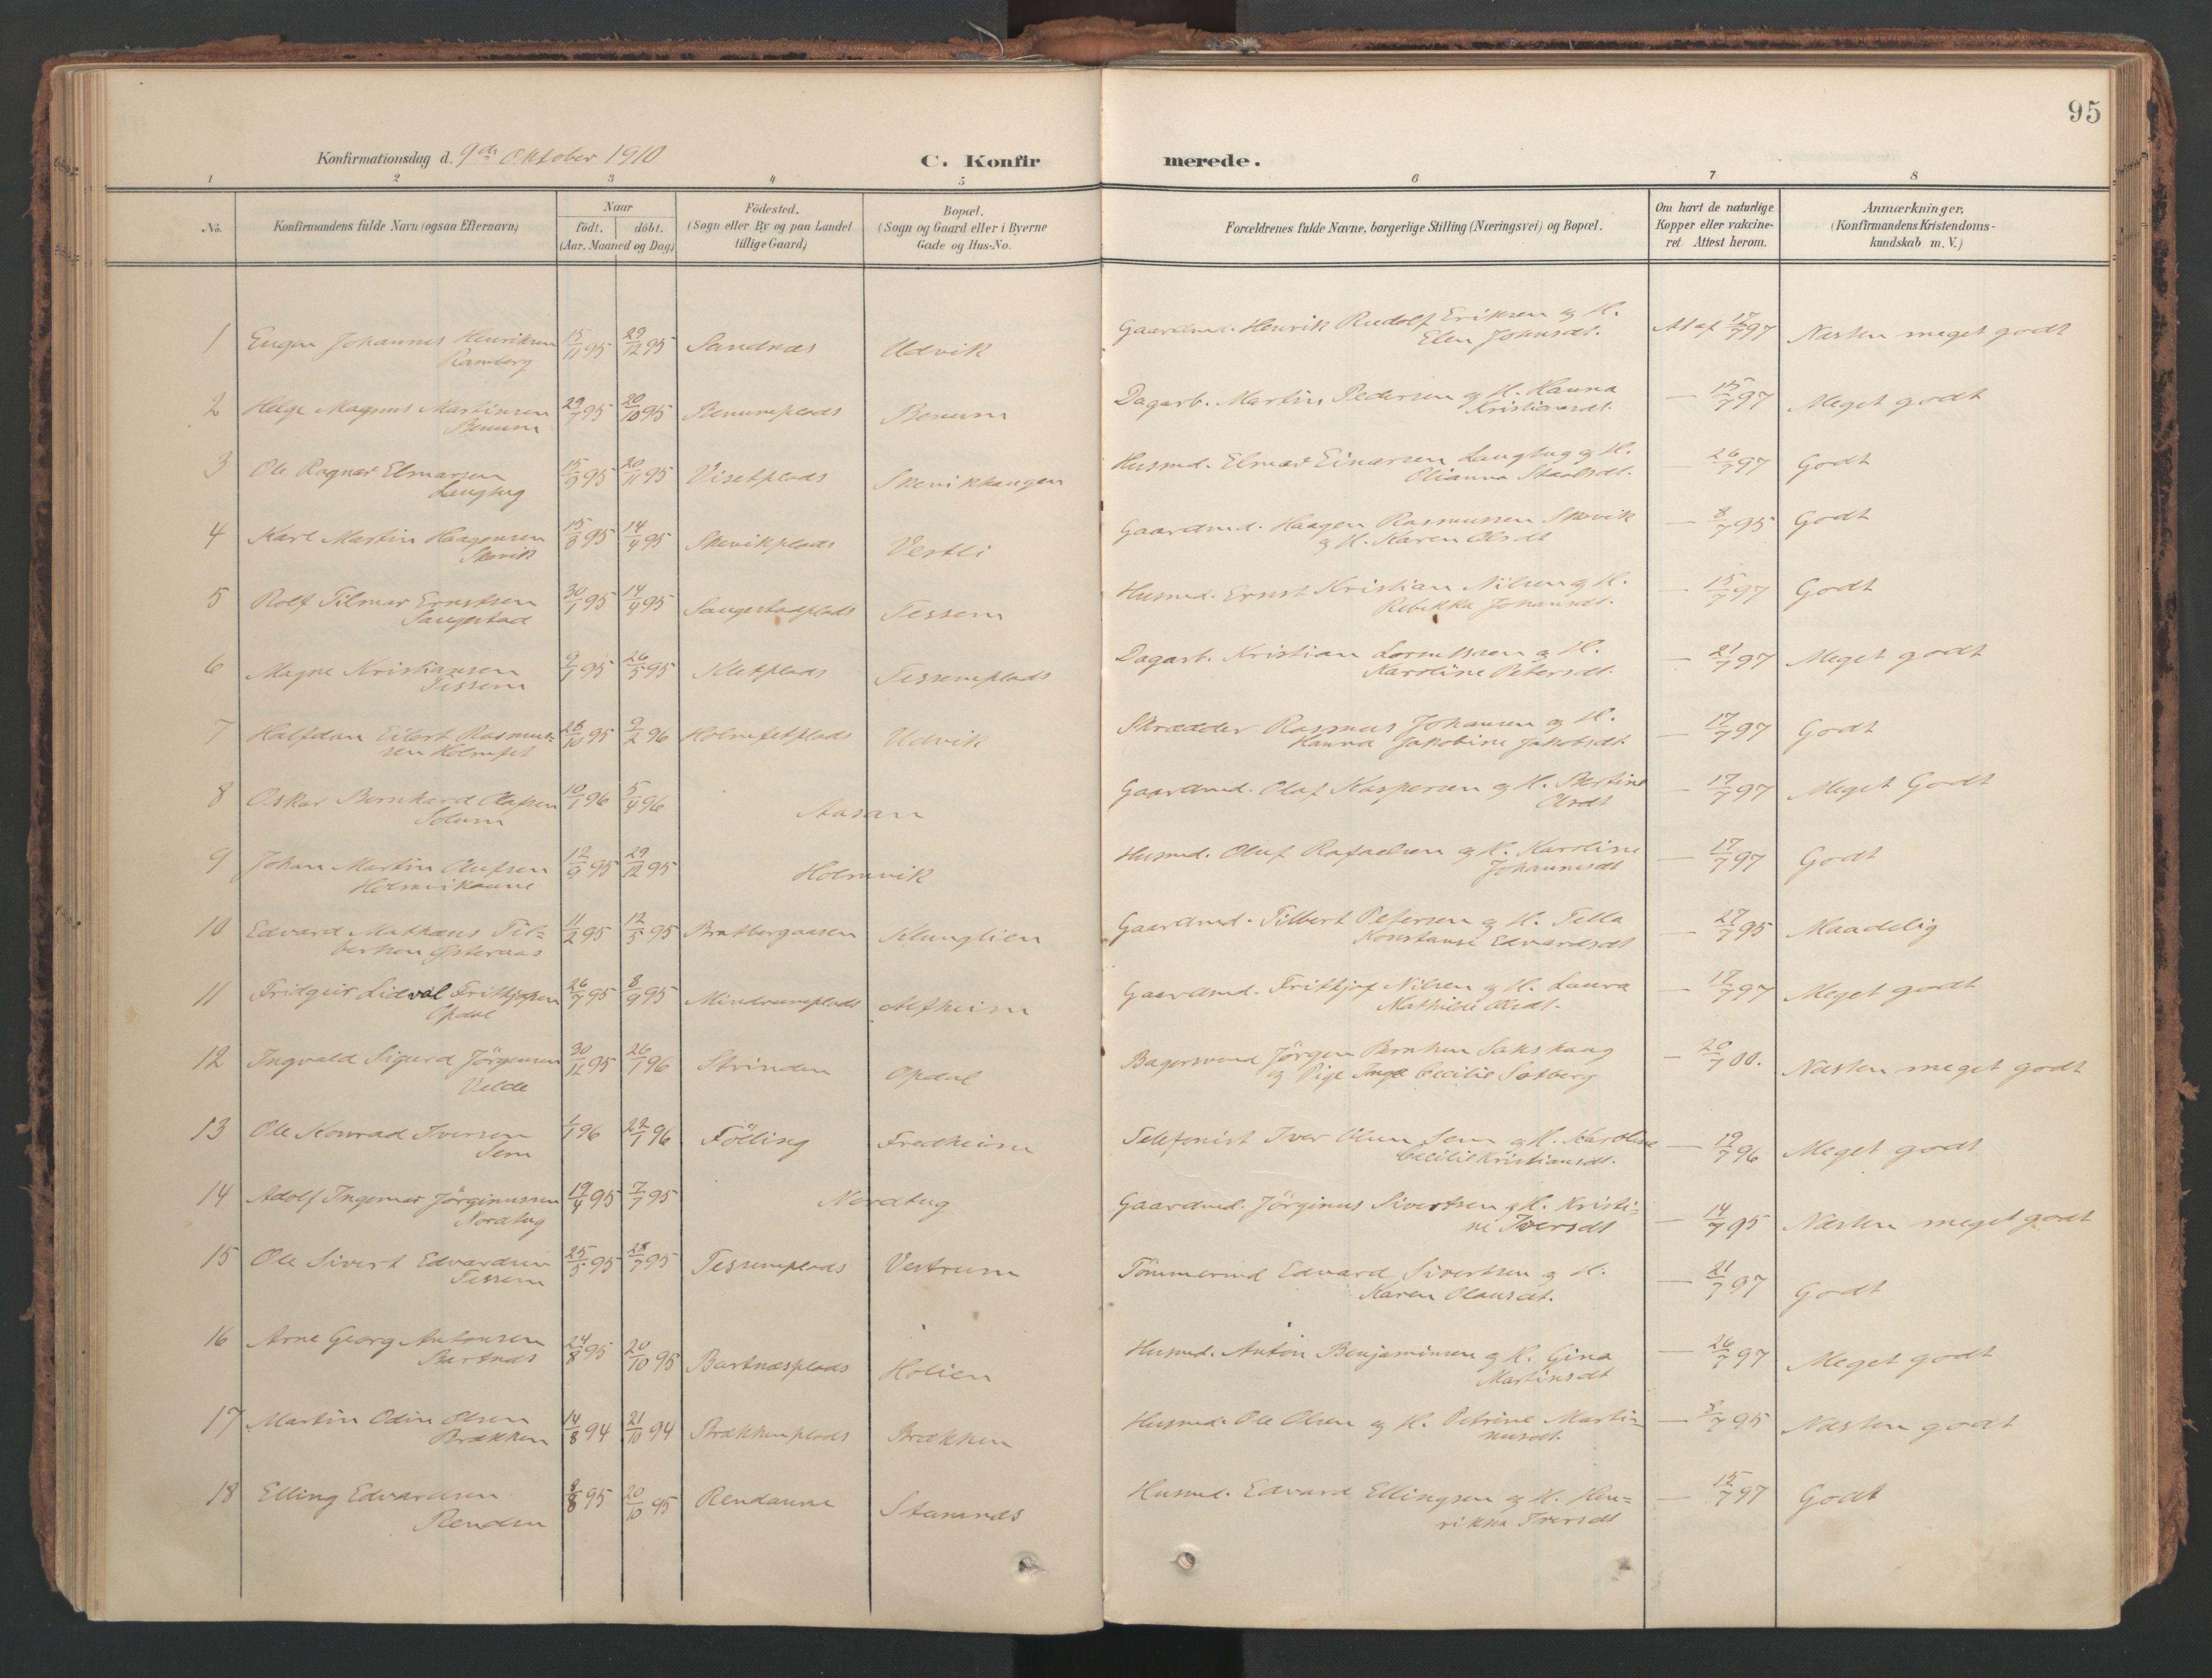 SAT, Ministerialprotokoller, klokkerbøker og fødselsregistre - Nord-Trøndelag, 741/L0397: Ministerialbok nr. 741A11, 1901-1911, s. 95